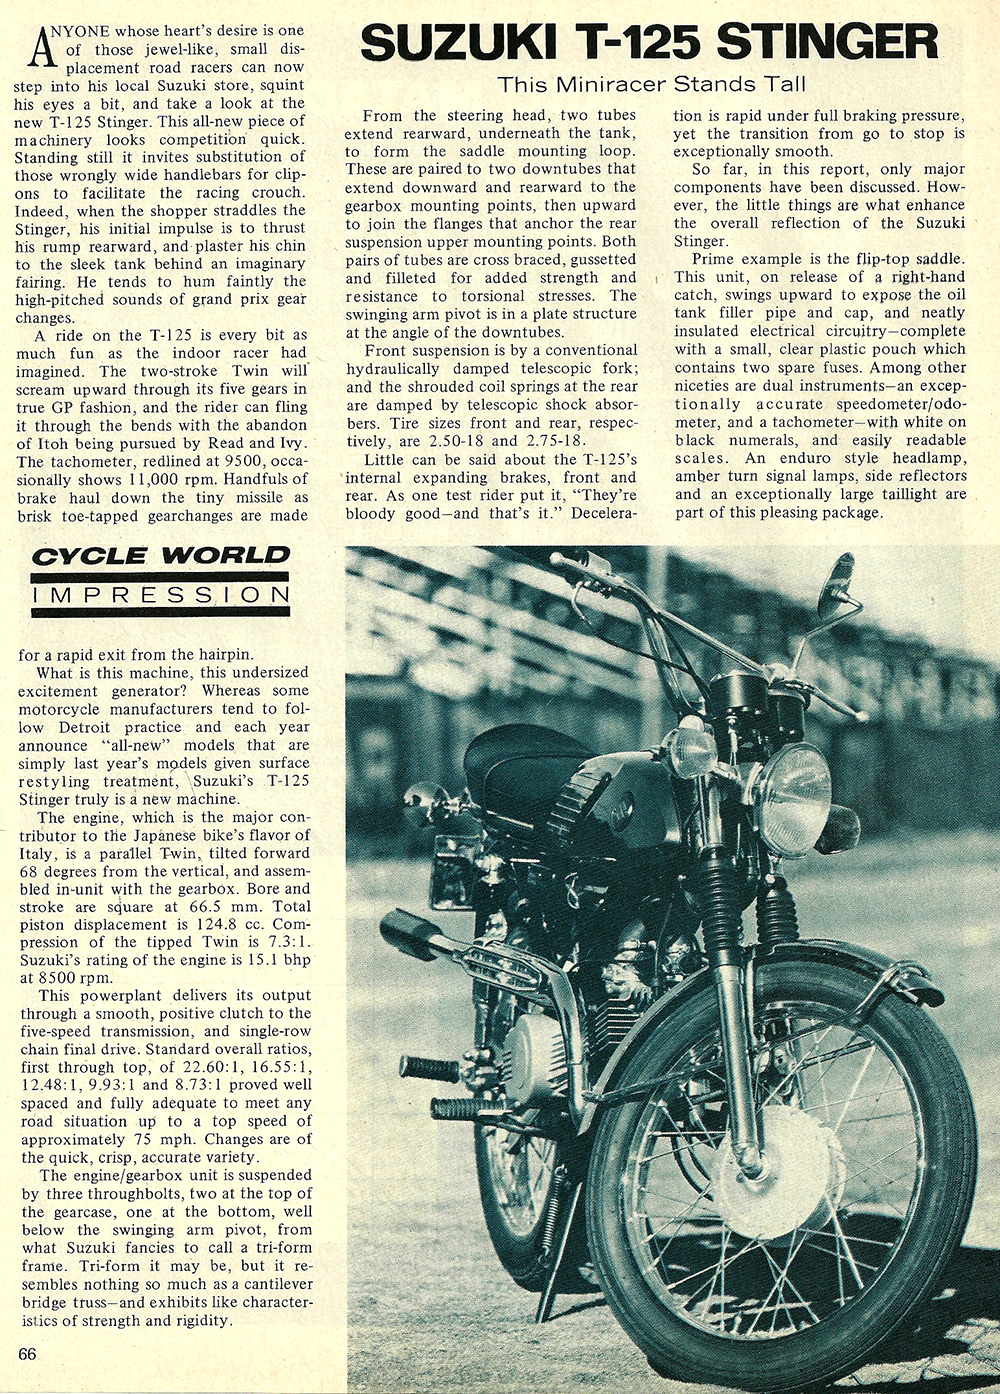 1969 Suzuki t125 stinger test 01.jpg